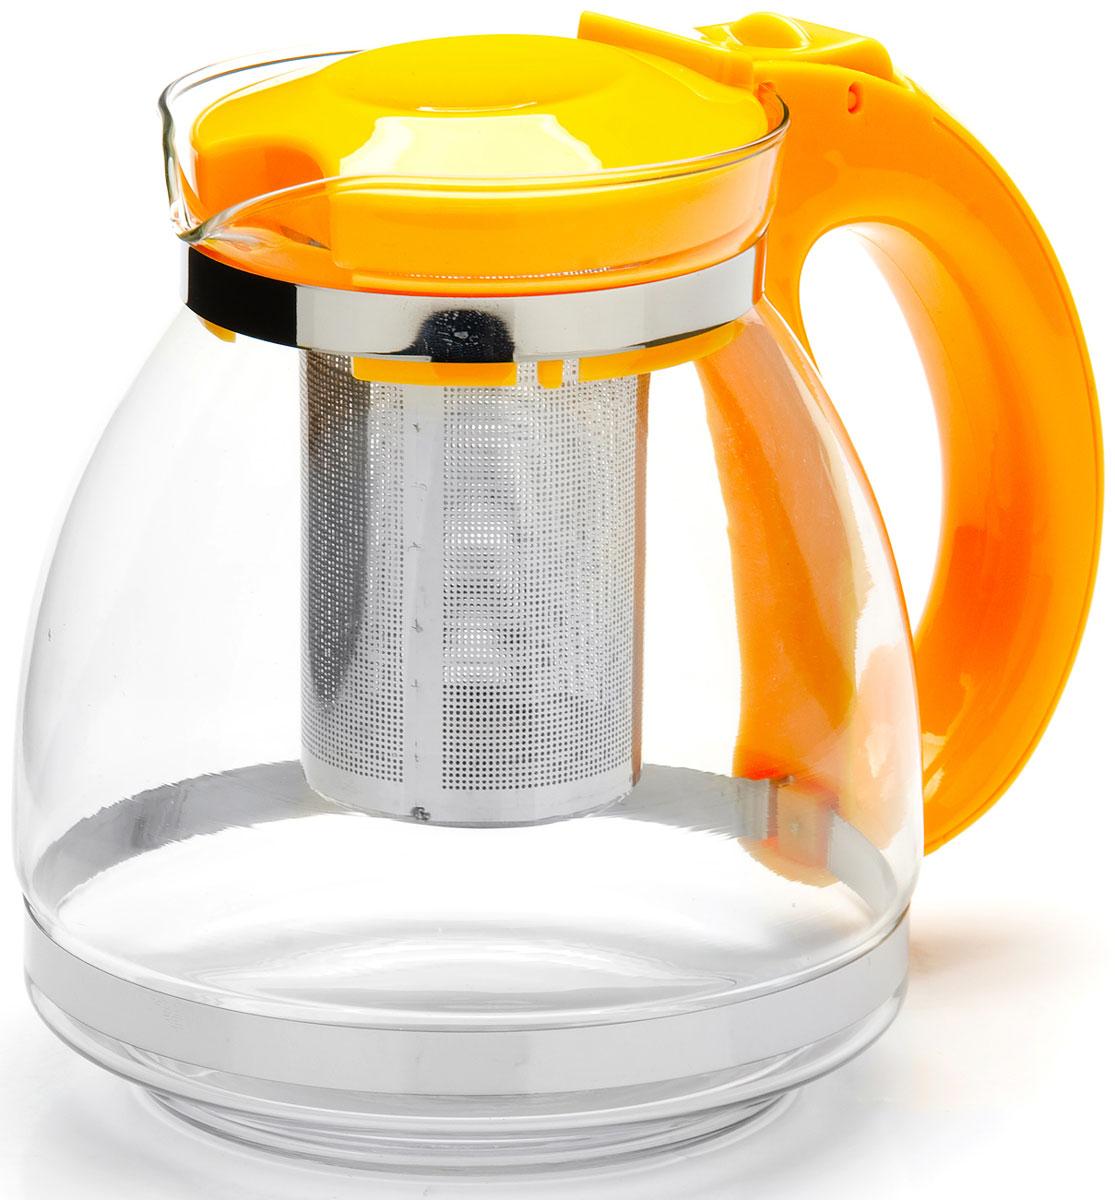 Чайник заварочный Mayer & Boch, с фильтром, цвет: желтый, 1,5 л. 26170-254 009312Заварочный чайник Mayer & Boch изготовлен из термостойкого боросиликатного стекла, фильтр выполнен из нержавеющей стали. Изделия из стекла не впитывают запахи, благодаря чему вы всегда получите натуральный, насыщенный вкус и аромат напитков. Заварочный чайник из стекла удобно использовать для повседневного заваривания чая практически любого сорта. Но цветочные, фруктовые, красные и желтые сорта чая лучше других раскрывают свой вкус и аромат при заваривании именно в стеклянных чайниках, а также сохраняют все полезные ферменты и витамины, содержащиеся в чайных листах. Стальной фильтр гарантирует прозрачность и чистоту напитка от чайных листьев, при этом сохранив букет и насыщенность чая.Прозрачные стенки чайника дают возможность насладиться насыщенным цветом заваренного чая. Изящный заварочный чайник Mayer & Boch будет прекрасно смотреться в любом интерьере. Подходит для мытья в посудомоечной машине.